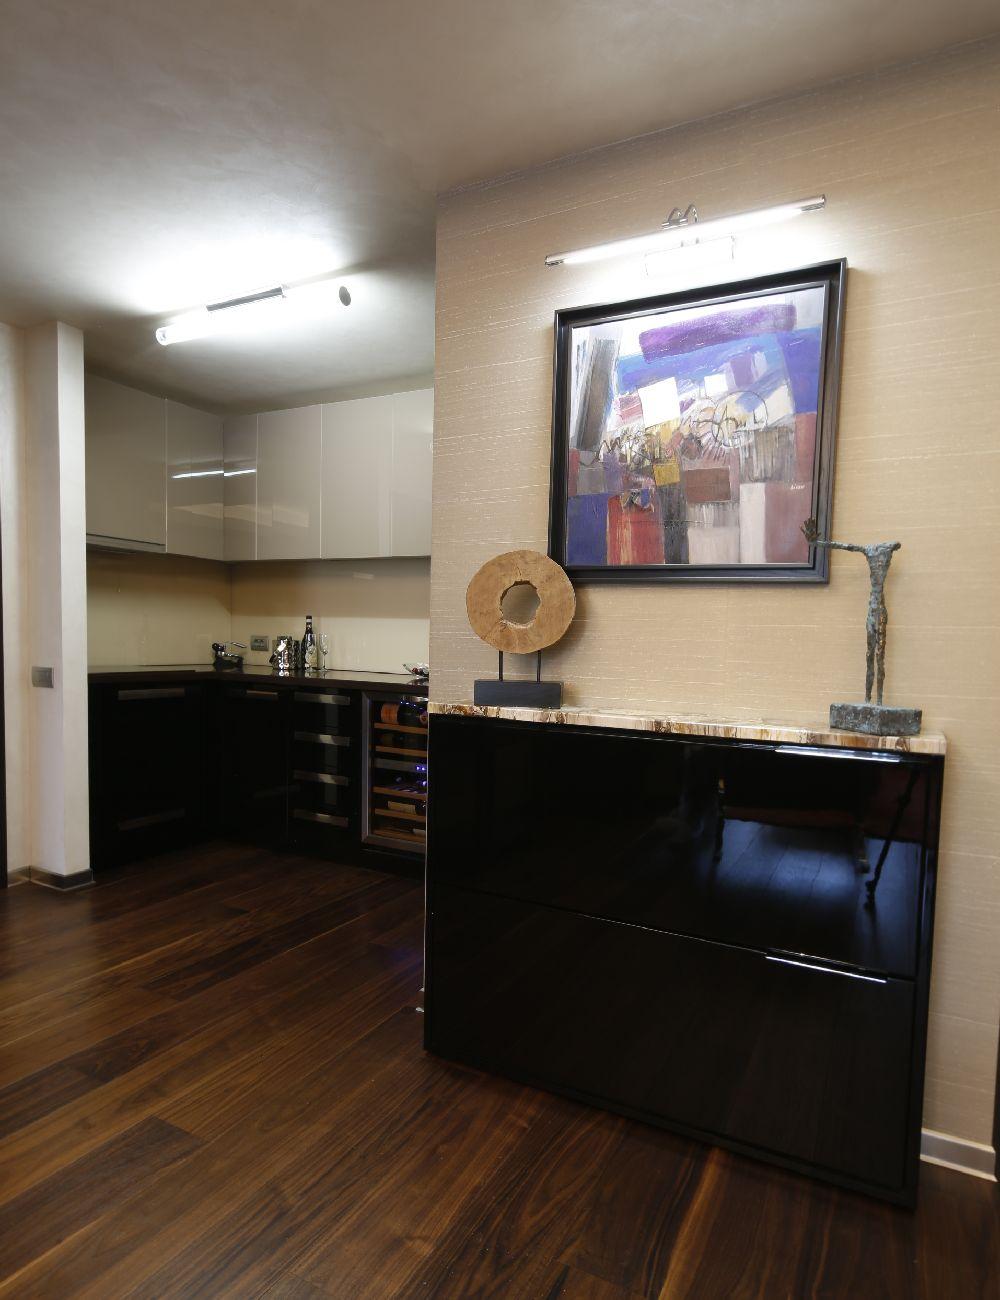 adelaparvu.com despre amenajare lux apartament 2 camere, 55 mp, Bucuresti, design interior arh Claudia Stefanescu, Foto Victor Oancea (11)